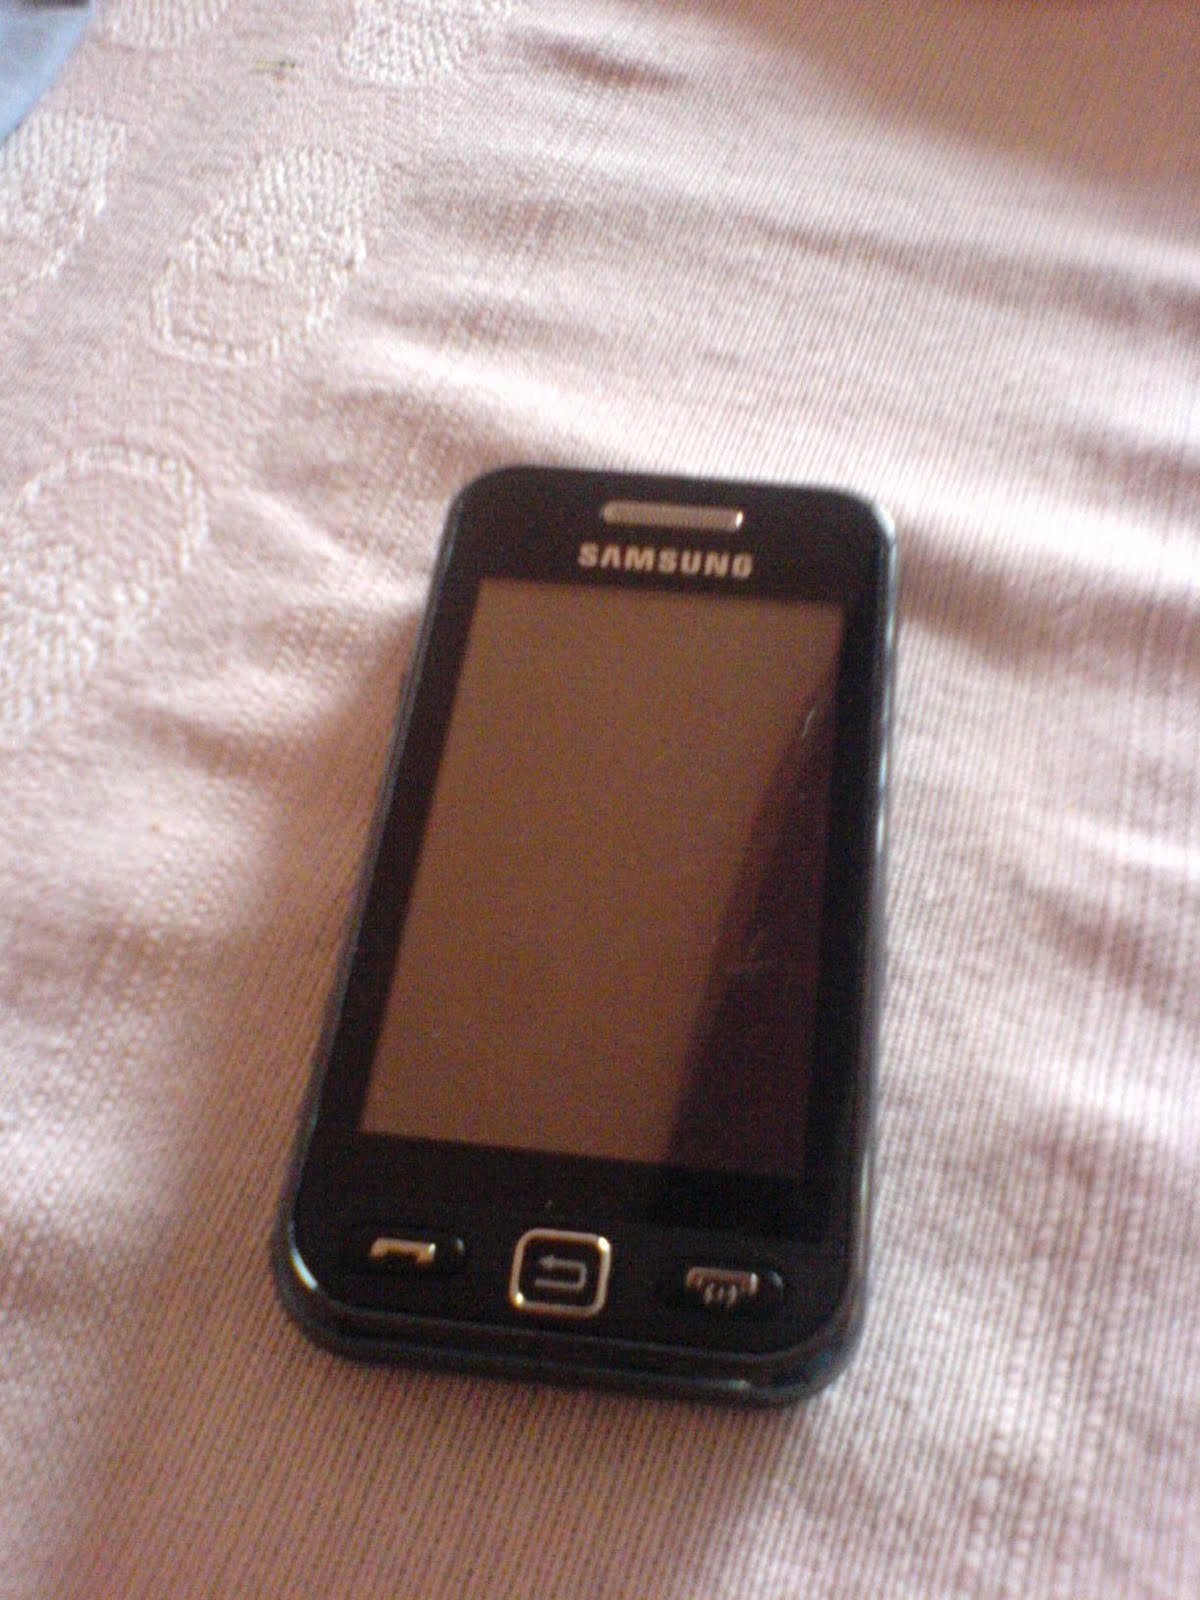 Samsung Star GT-S5230 - Aparelho completo com interface totalmente intuitiva